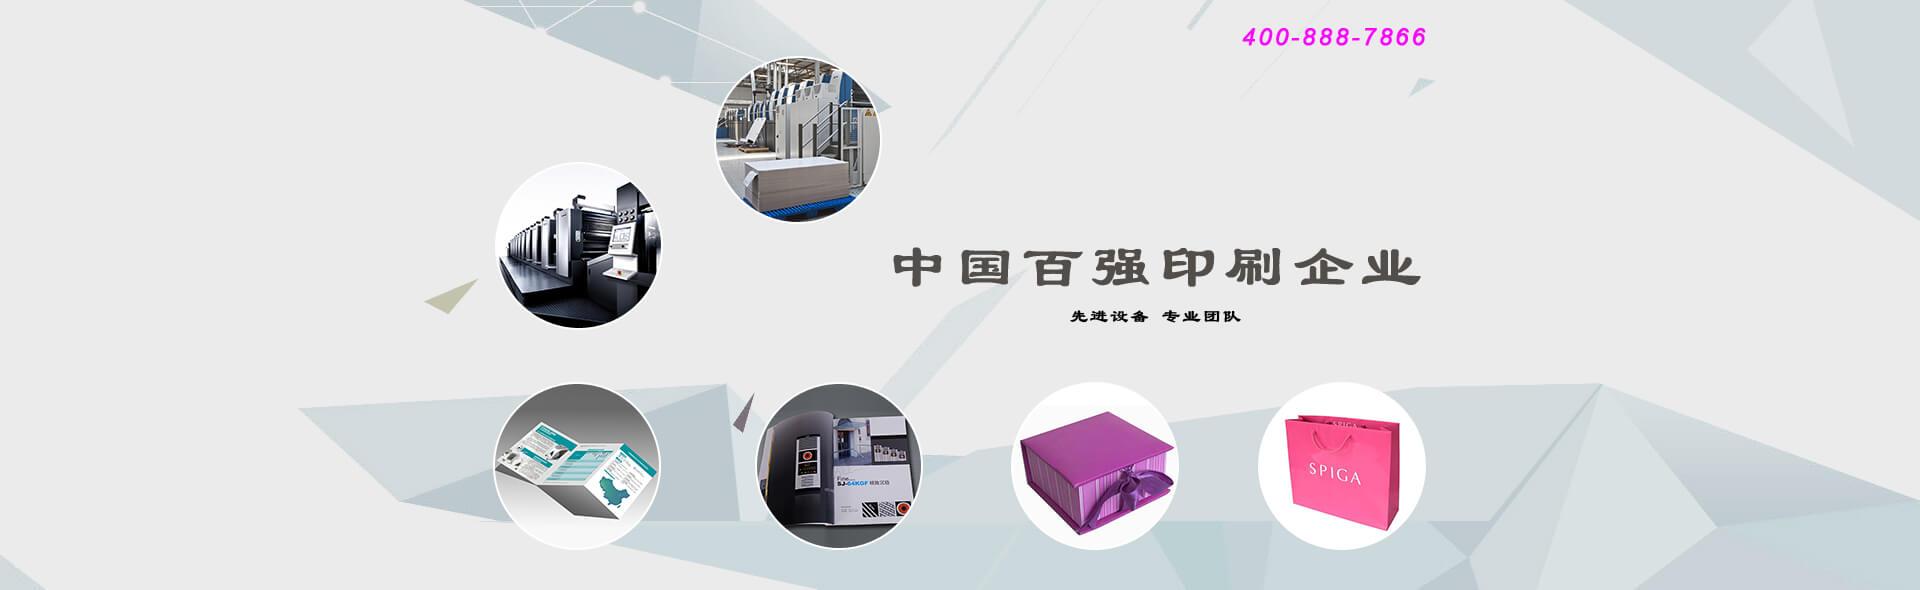 深圳旭天印刷